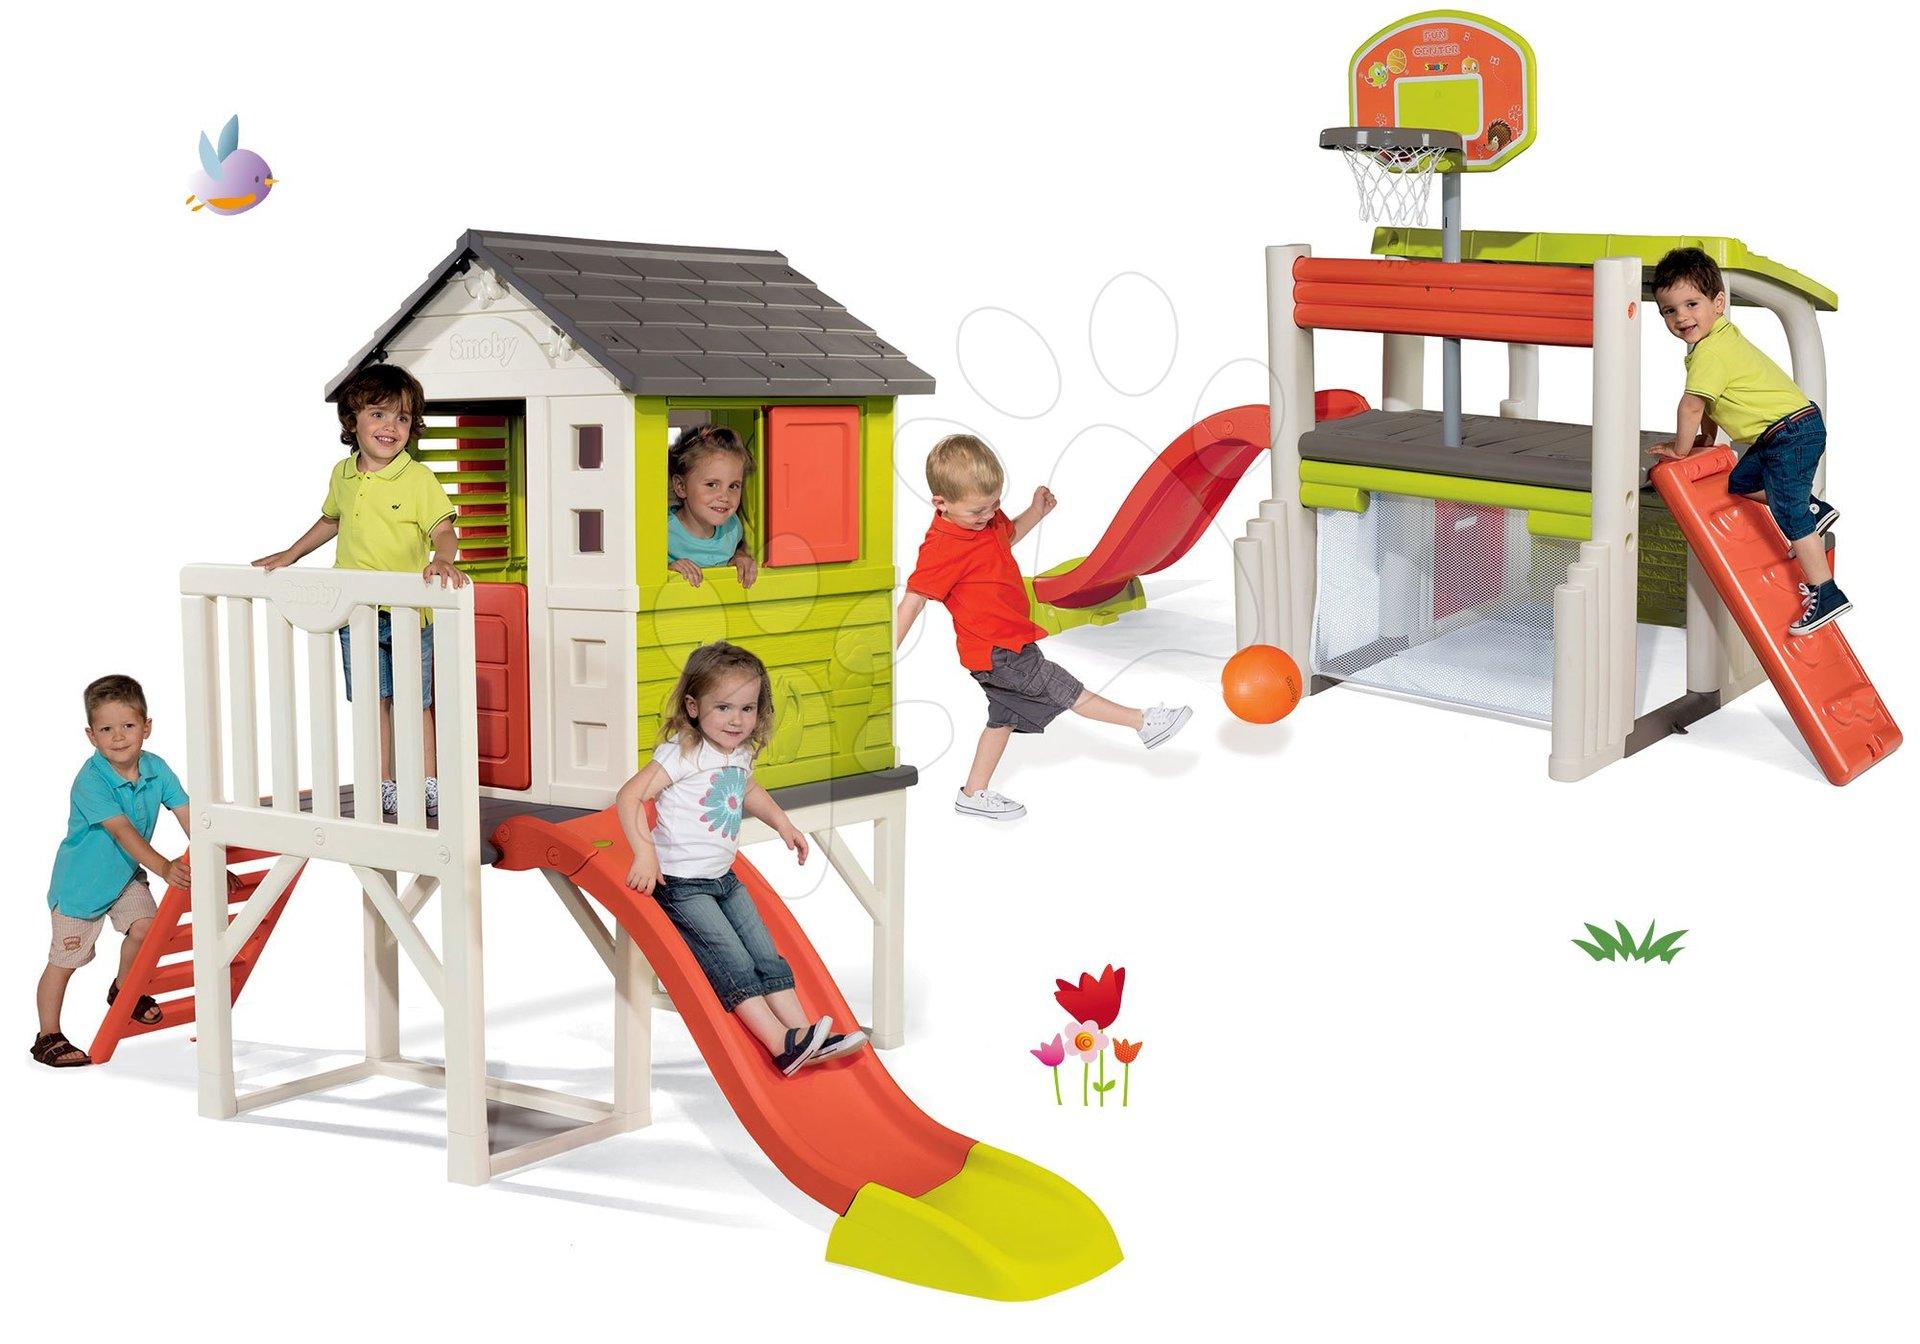 Szett házikó pilléreken Pilings House Smoby 1,5 m csúszdával és játszótér Fun Center asztallal 24 hó-tól